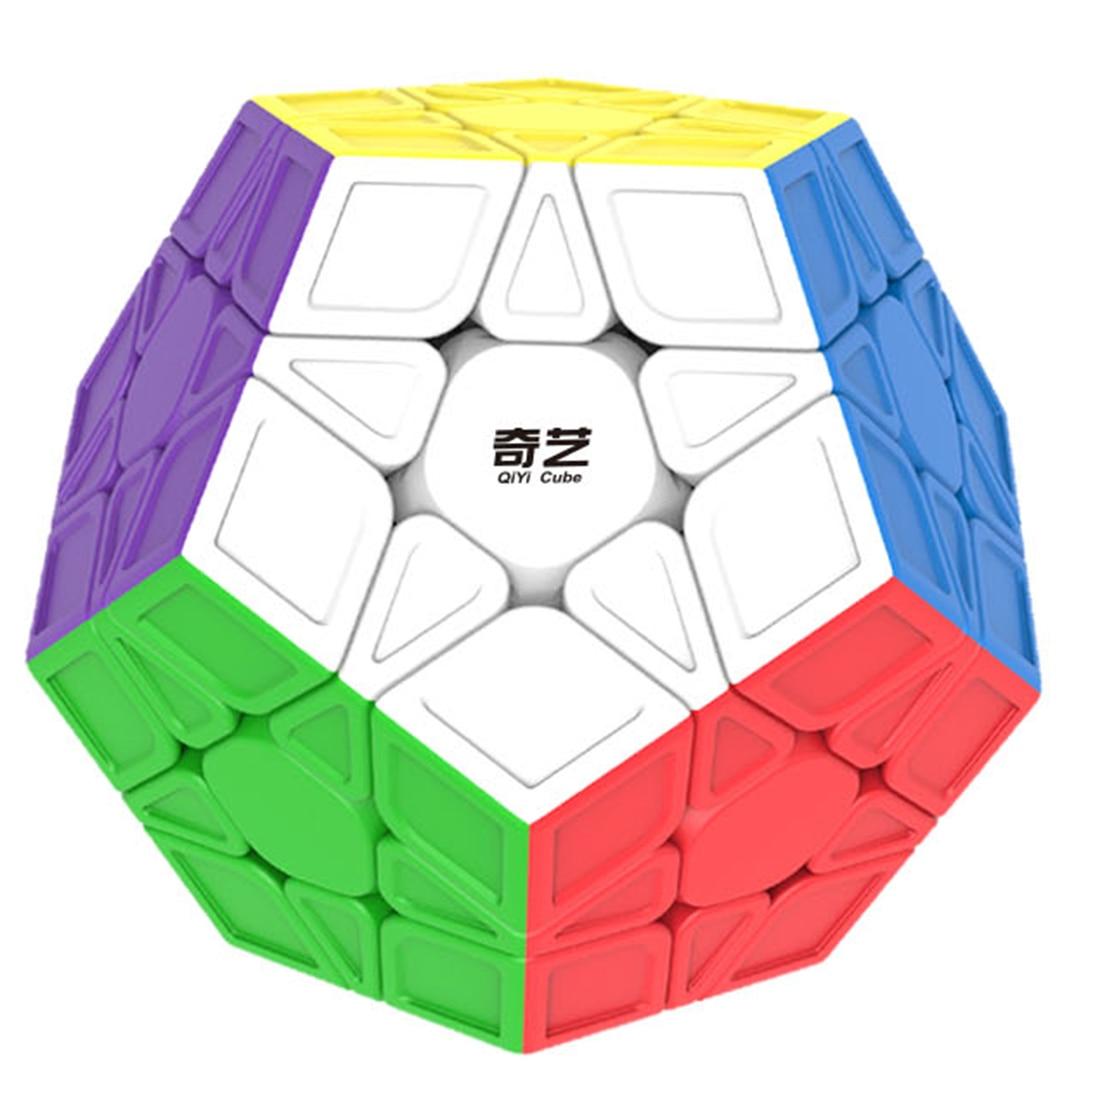 Qiyi QiHeng S MEGAMINX Magic Cube Vitesse Cubes pour Les Débutants Vitesse Cubes Puzzle Jouets Pour Enfants-Colorisation